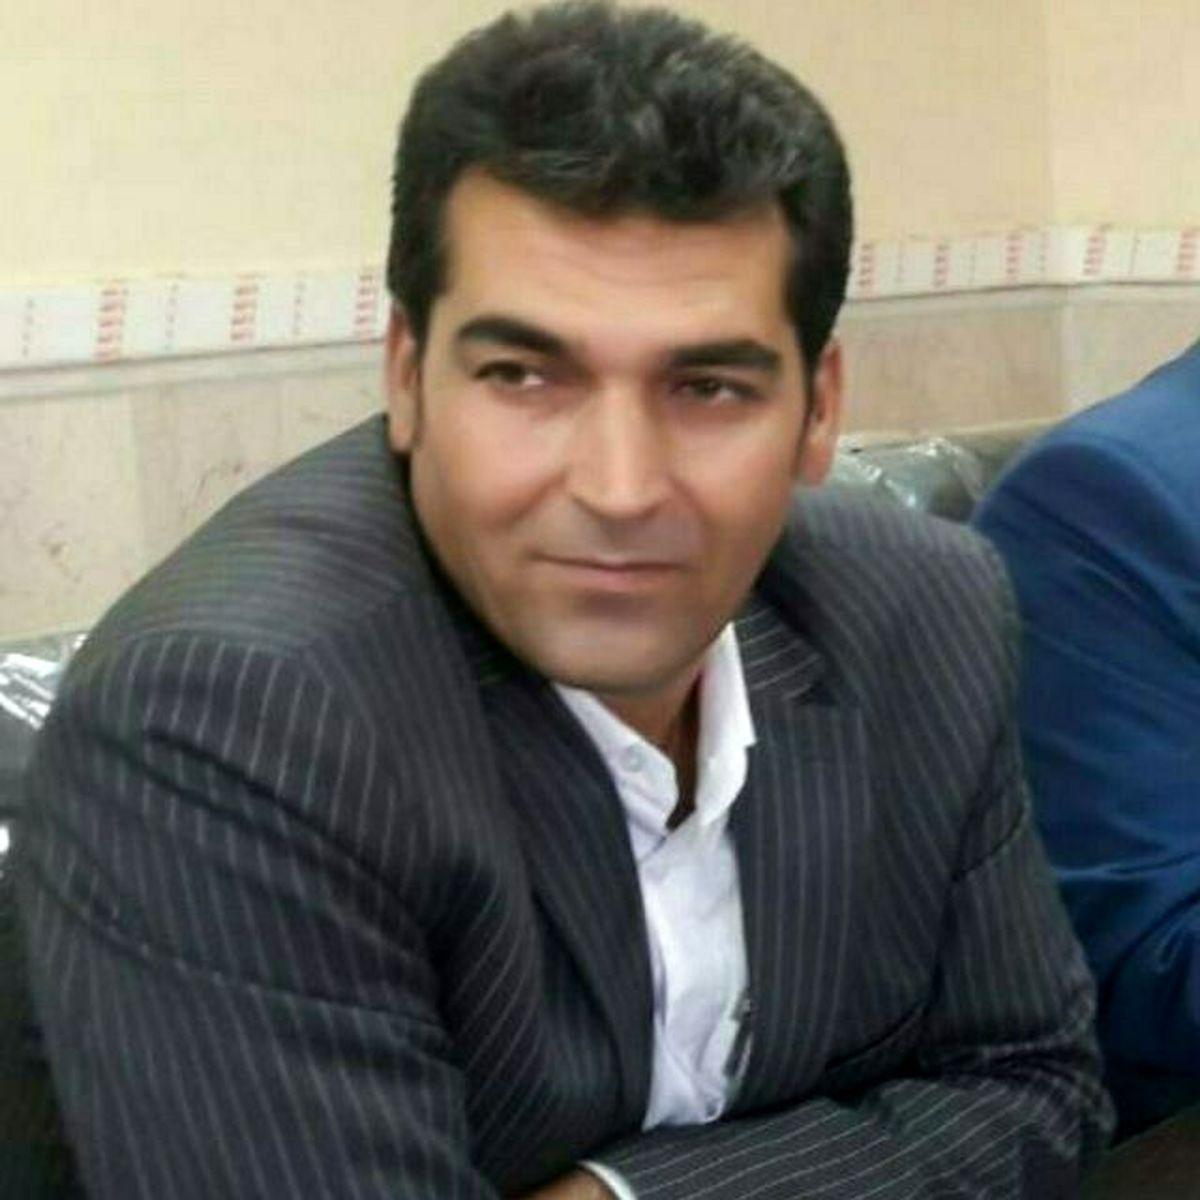 محمدکریمی رئیس شورای اسلامی استان ایلام شد